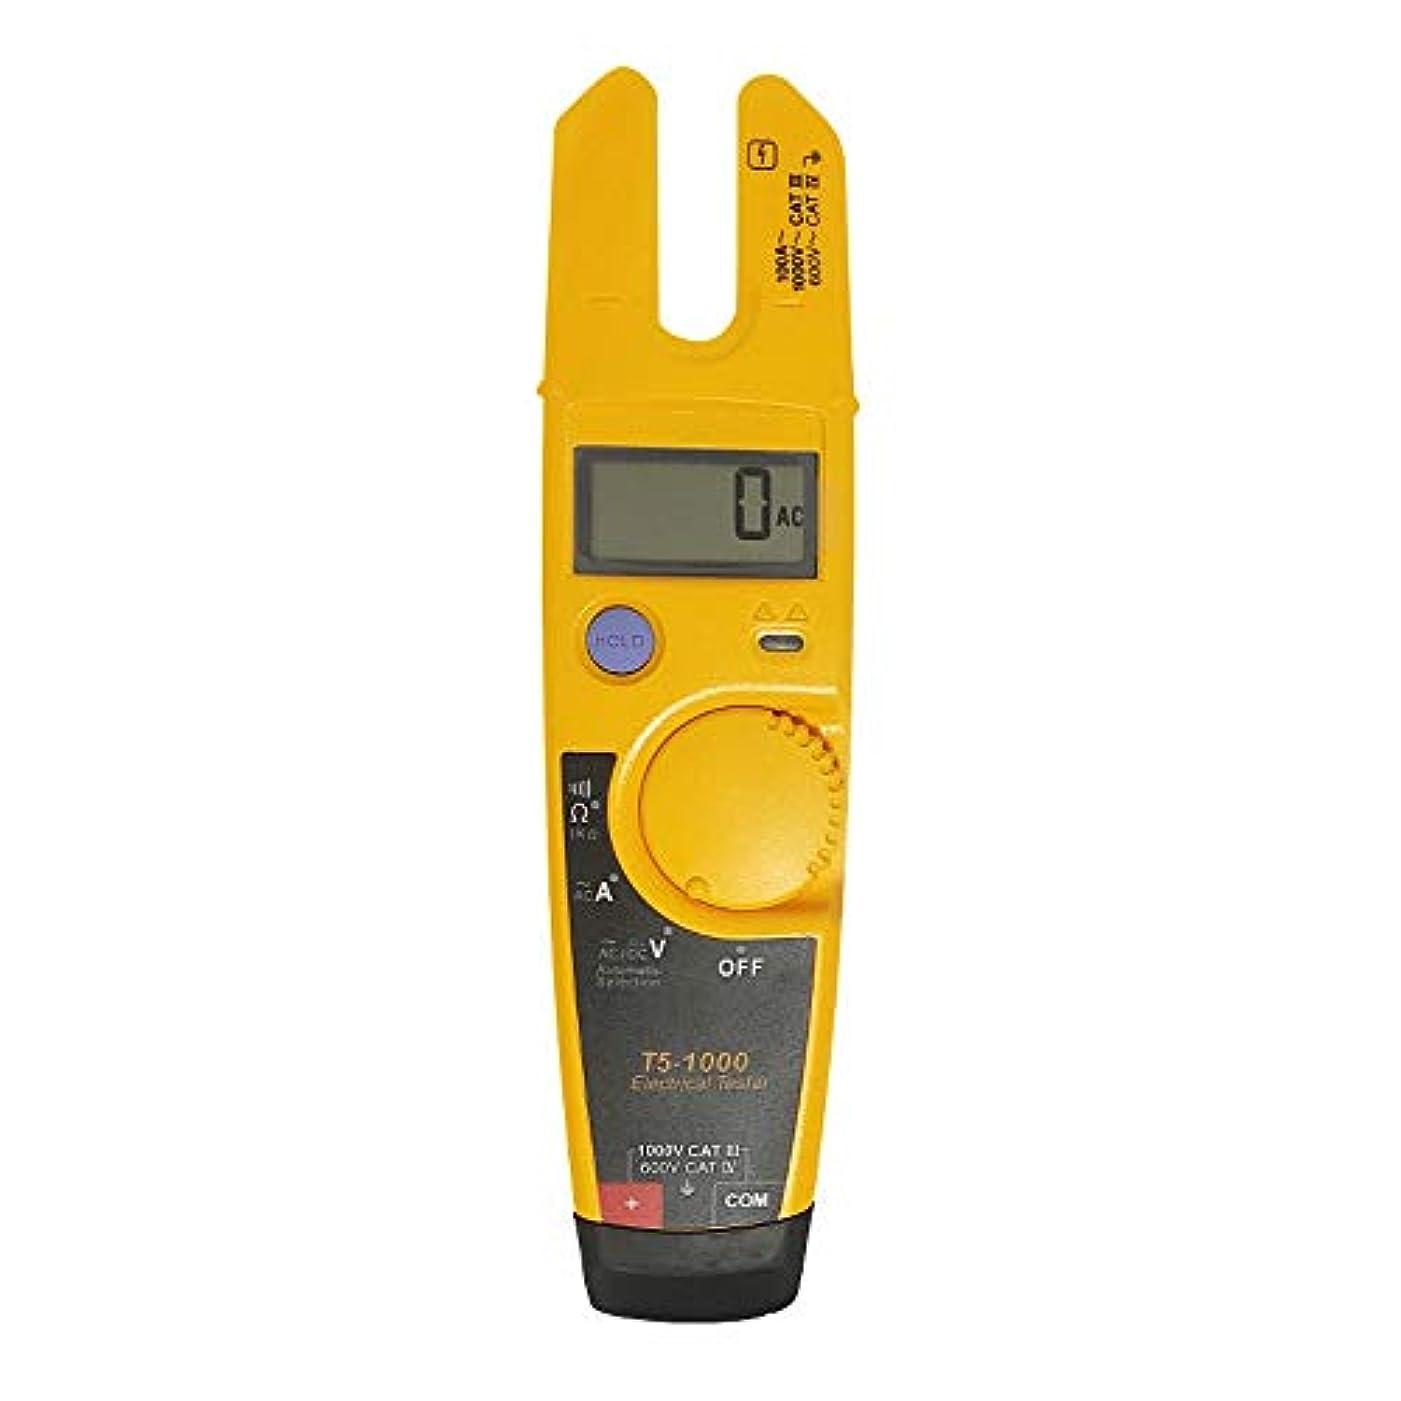 ふざけた経済的温かいJPLJJ Labloot ソフトケース付き T5-600 クランプメーター 電圧 連続電流 クランプメーター